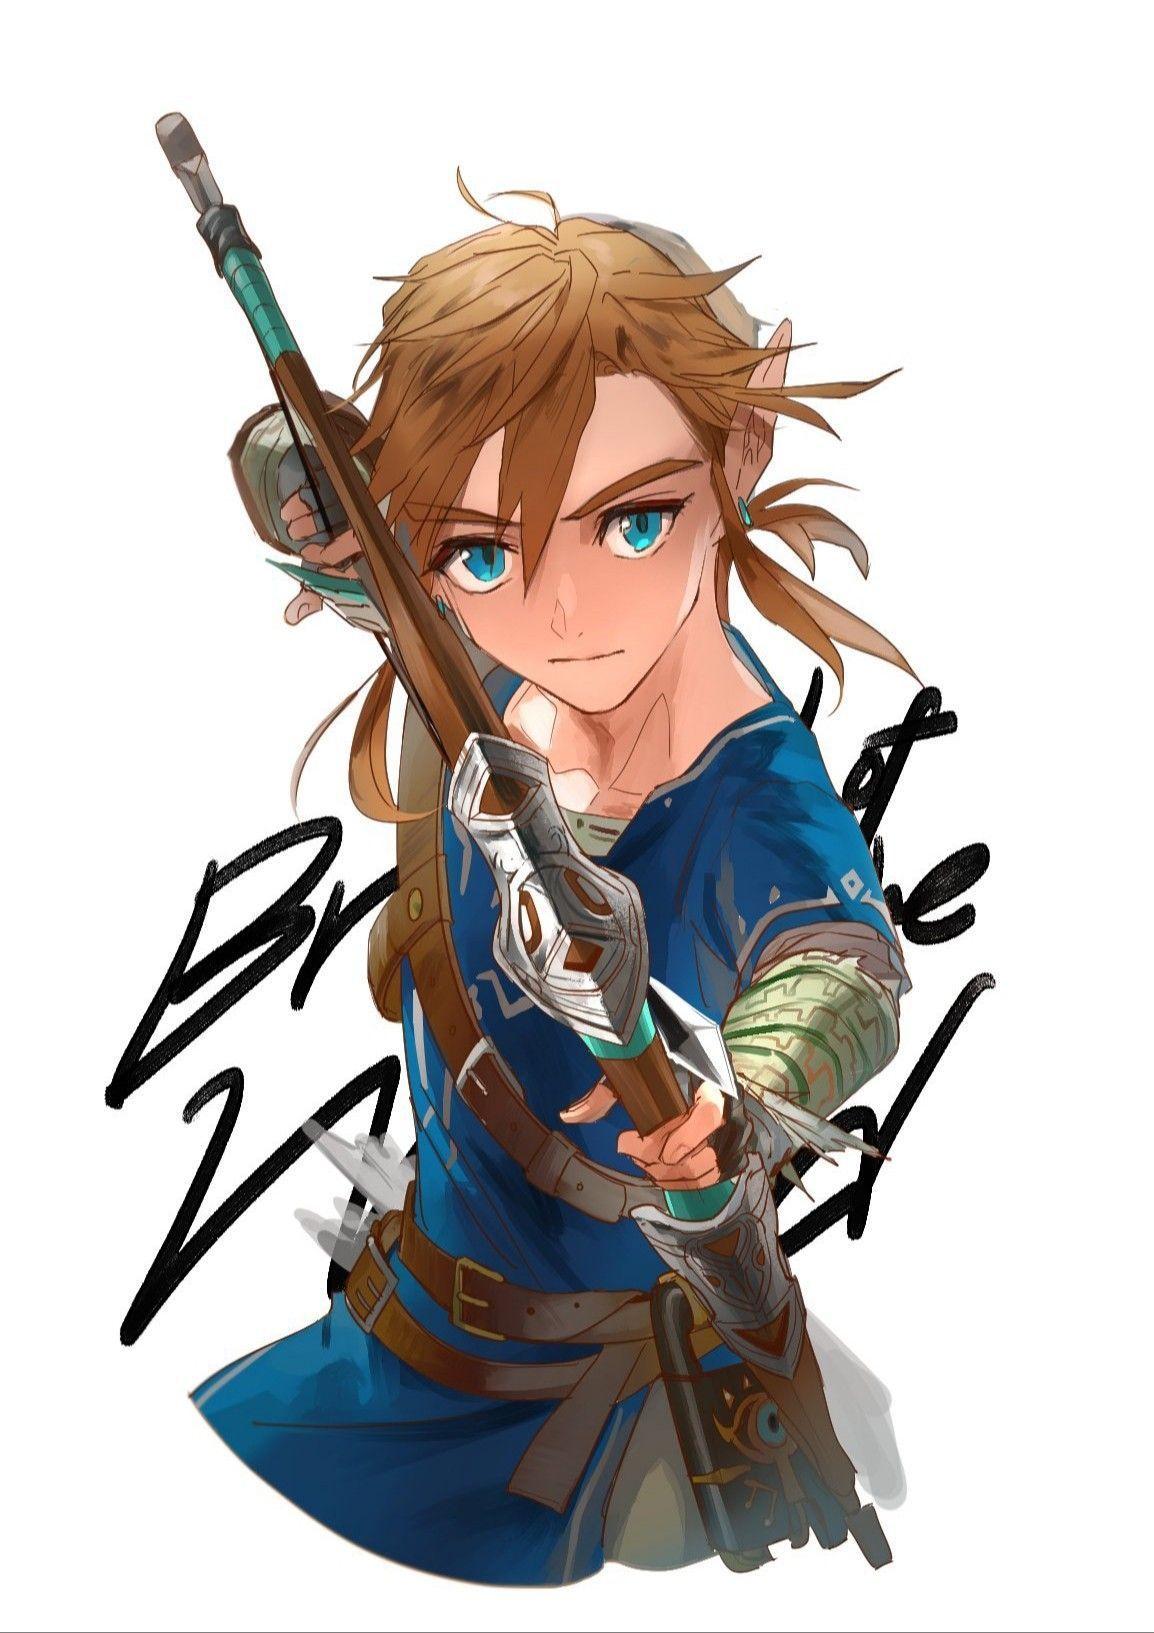 Star Wars Zelda Drawing Fanart Link Zelda Drawing Fanart Crochet Link Zelda Link Zelda Wallpaper I Legend Of Zelda Legend Of Zelda Breath Zelda Drawing